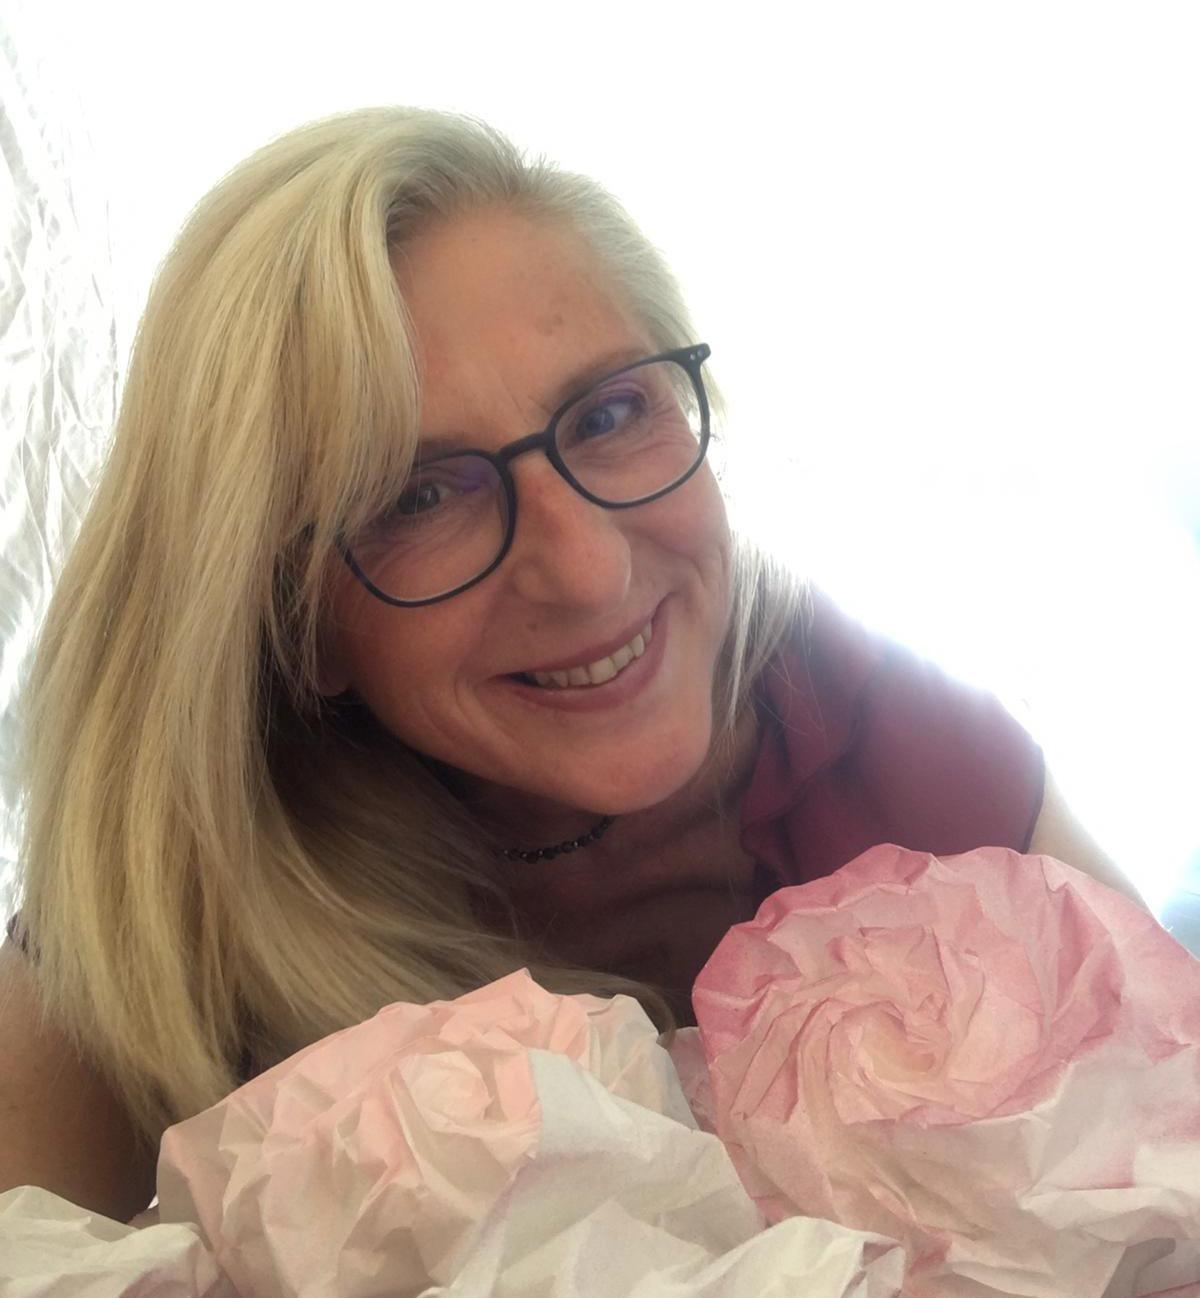 Bild von Lidija Schlieker mit rosa und weißen Blumen vor sich